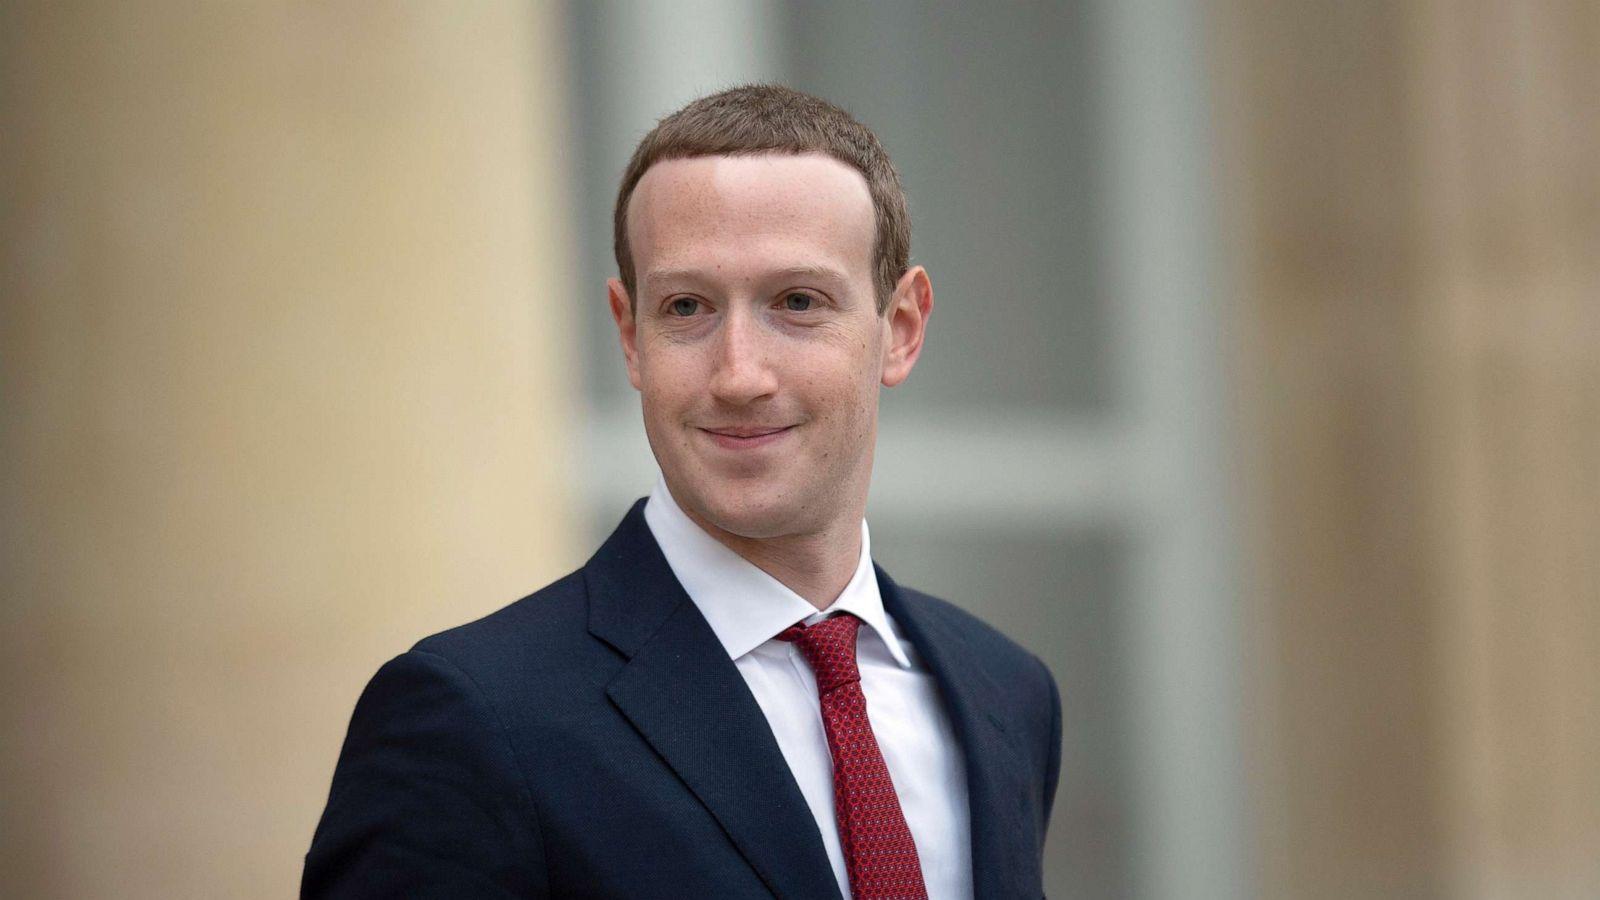 Sărăcie, boală grea. Gunoiul lui Zuckerberg, sursă de venit pentru săraci